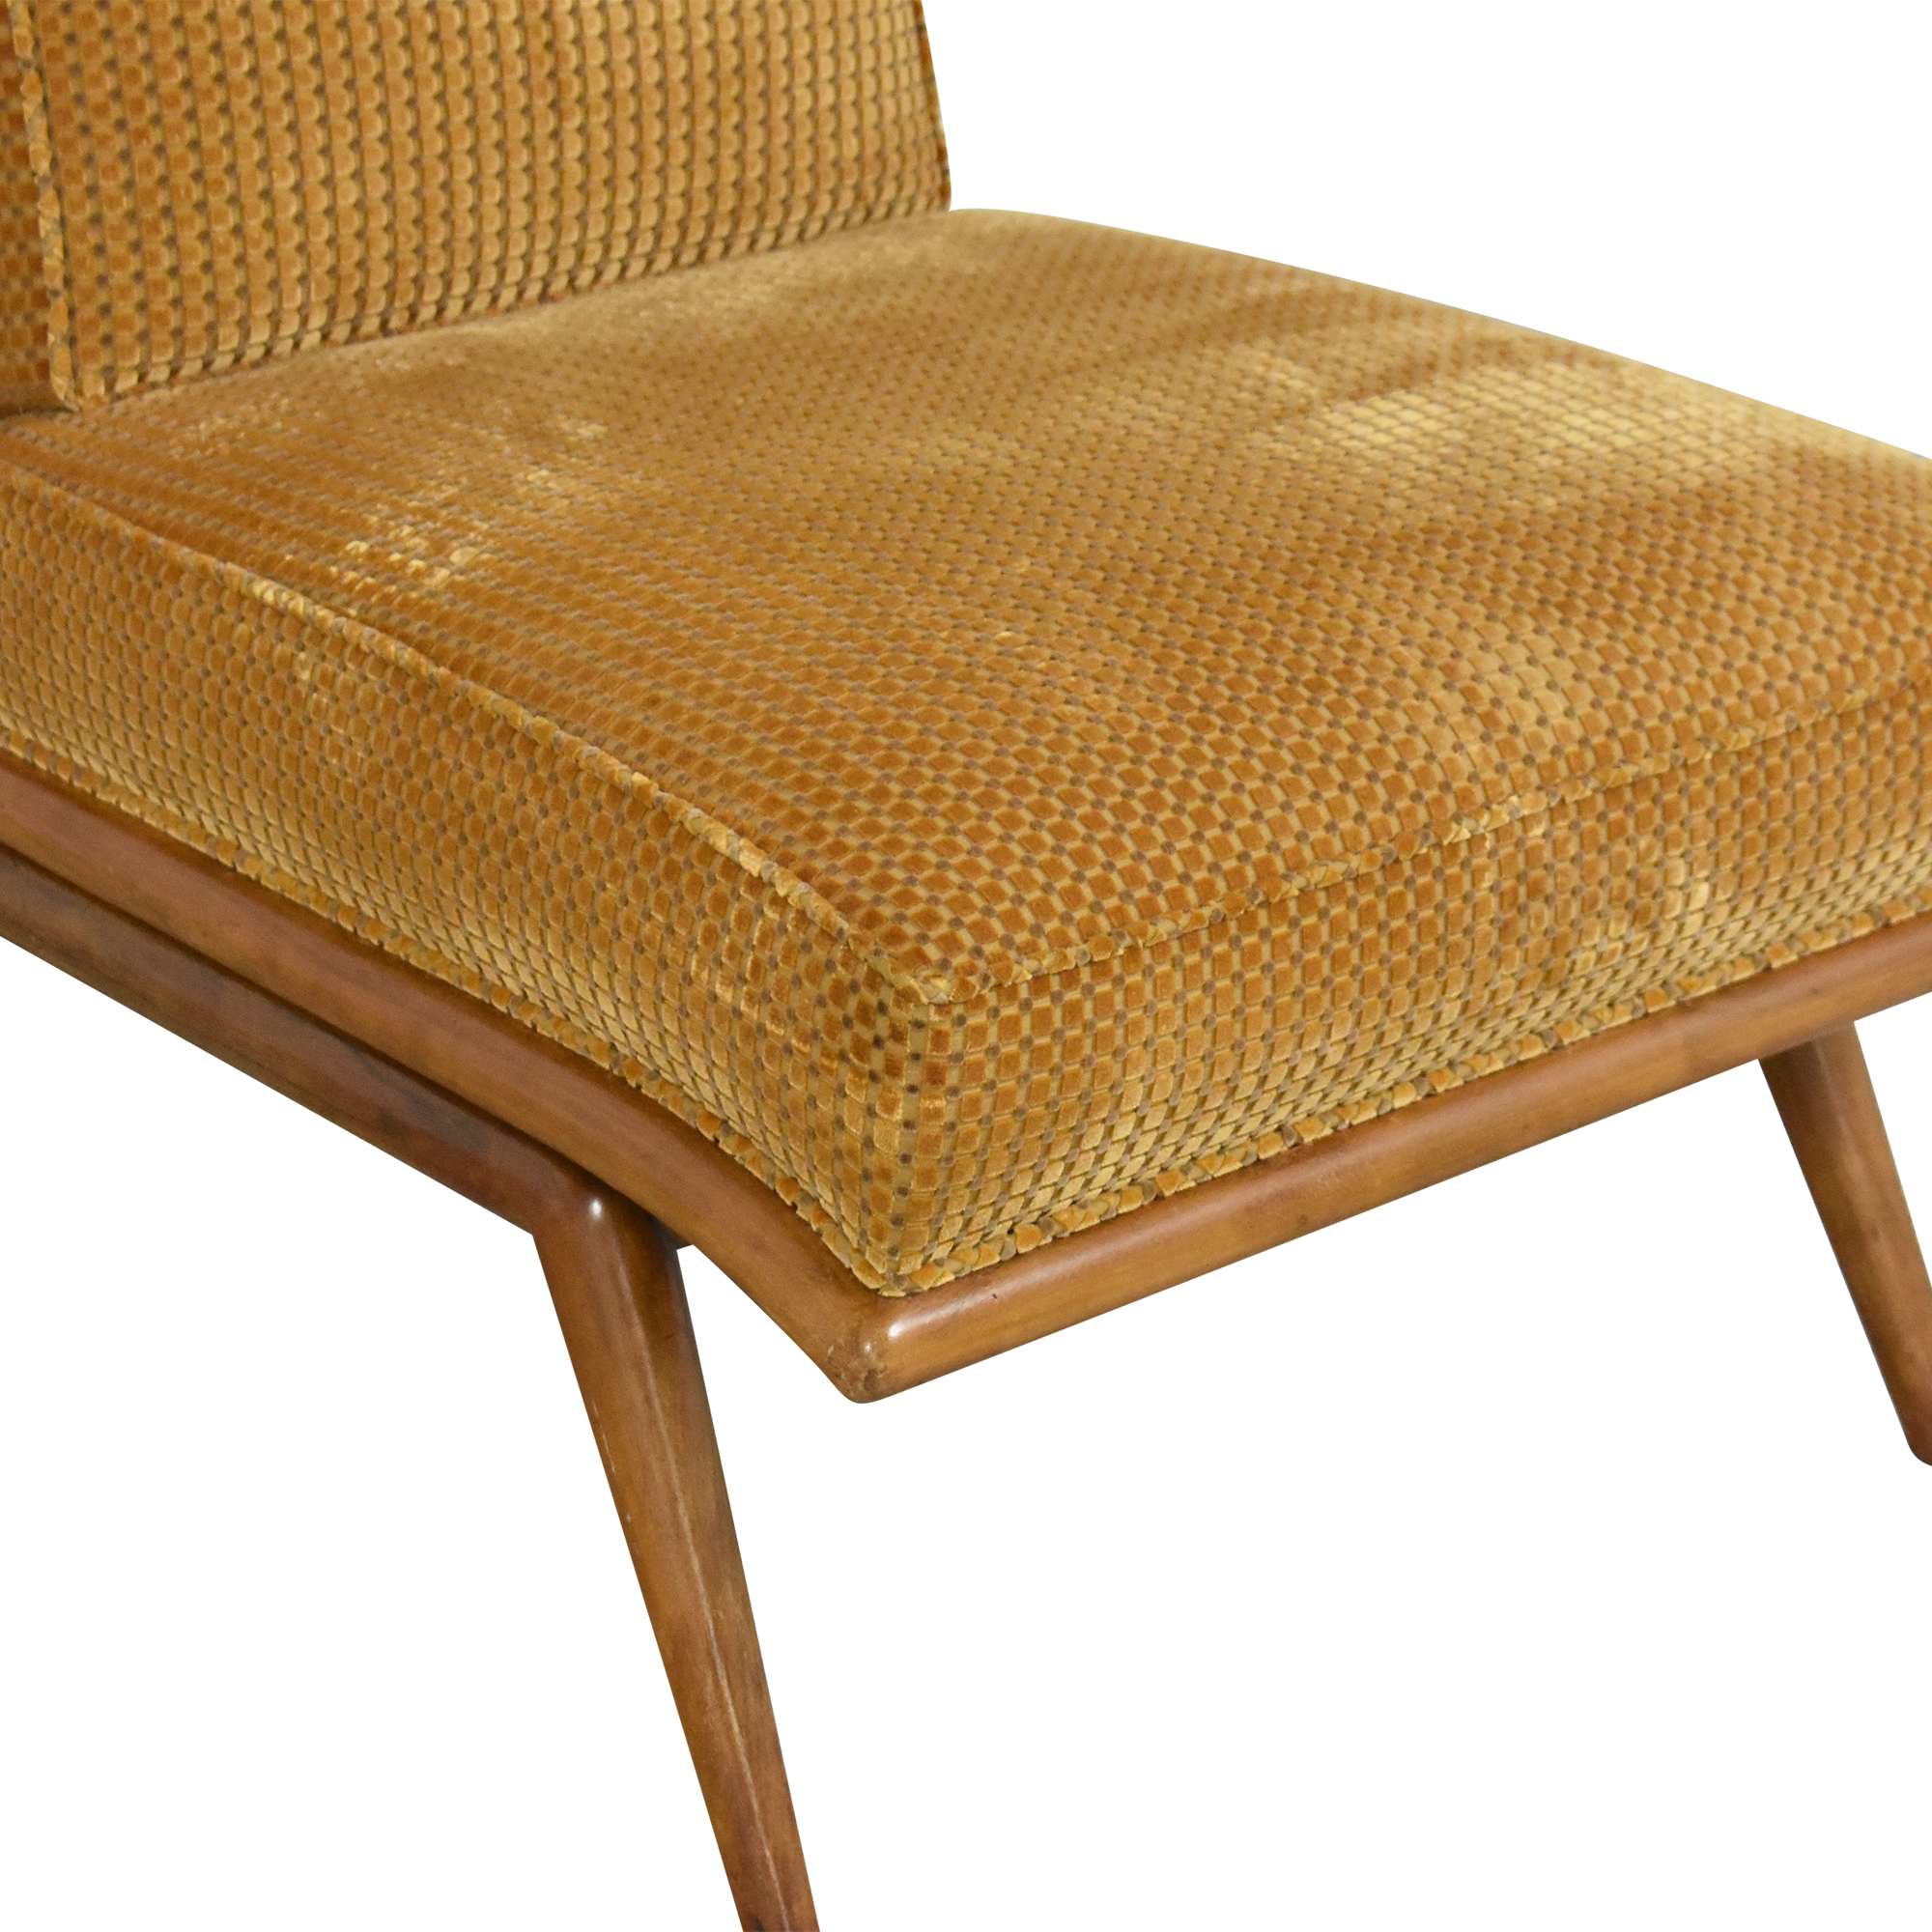 Widdicomb T.H. Robsjohn Gibbings for Widdicomb Slipper Chair on sale